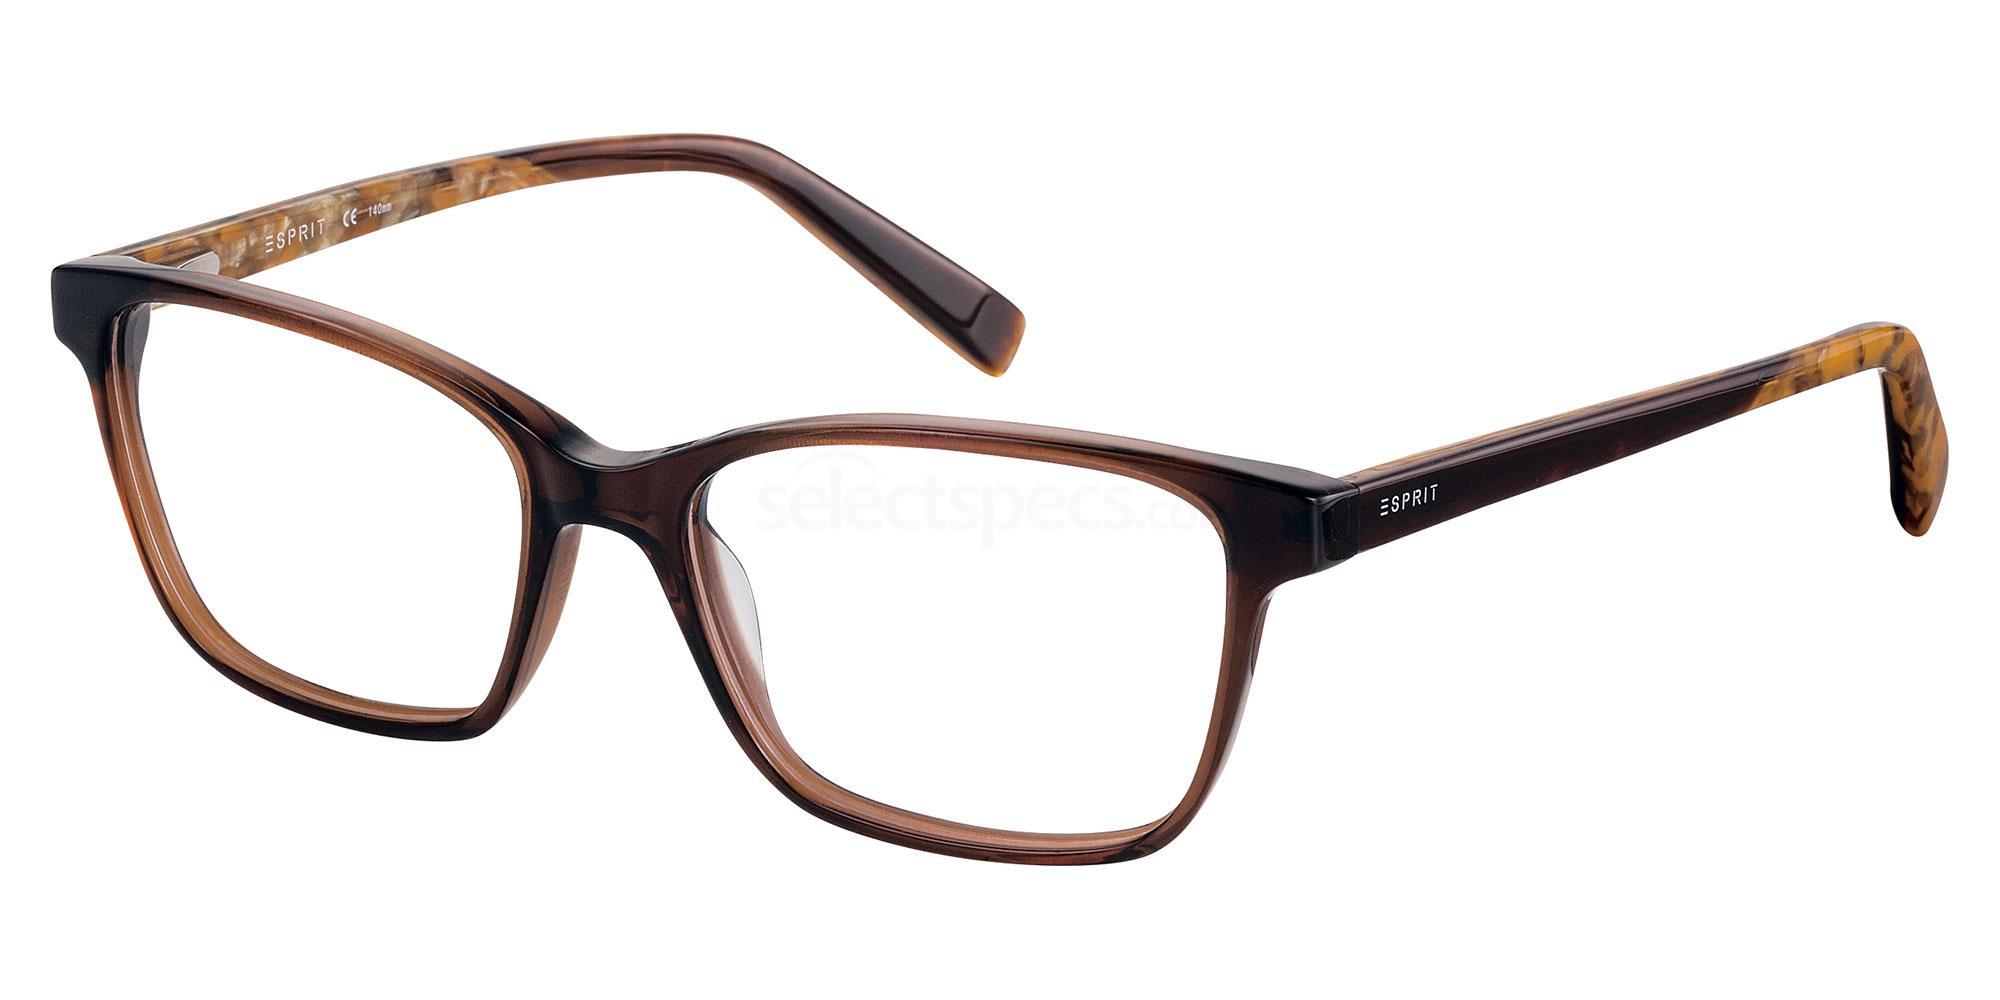 535 ET17570 Glasses, Esprit